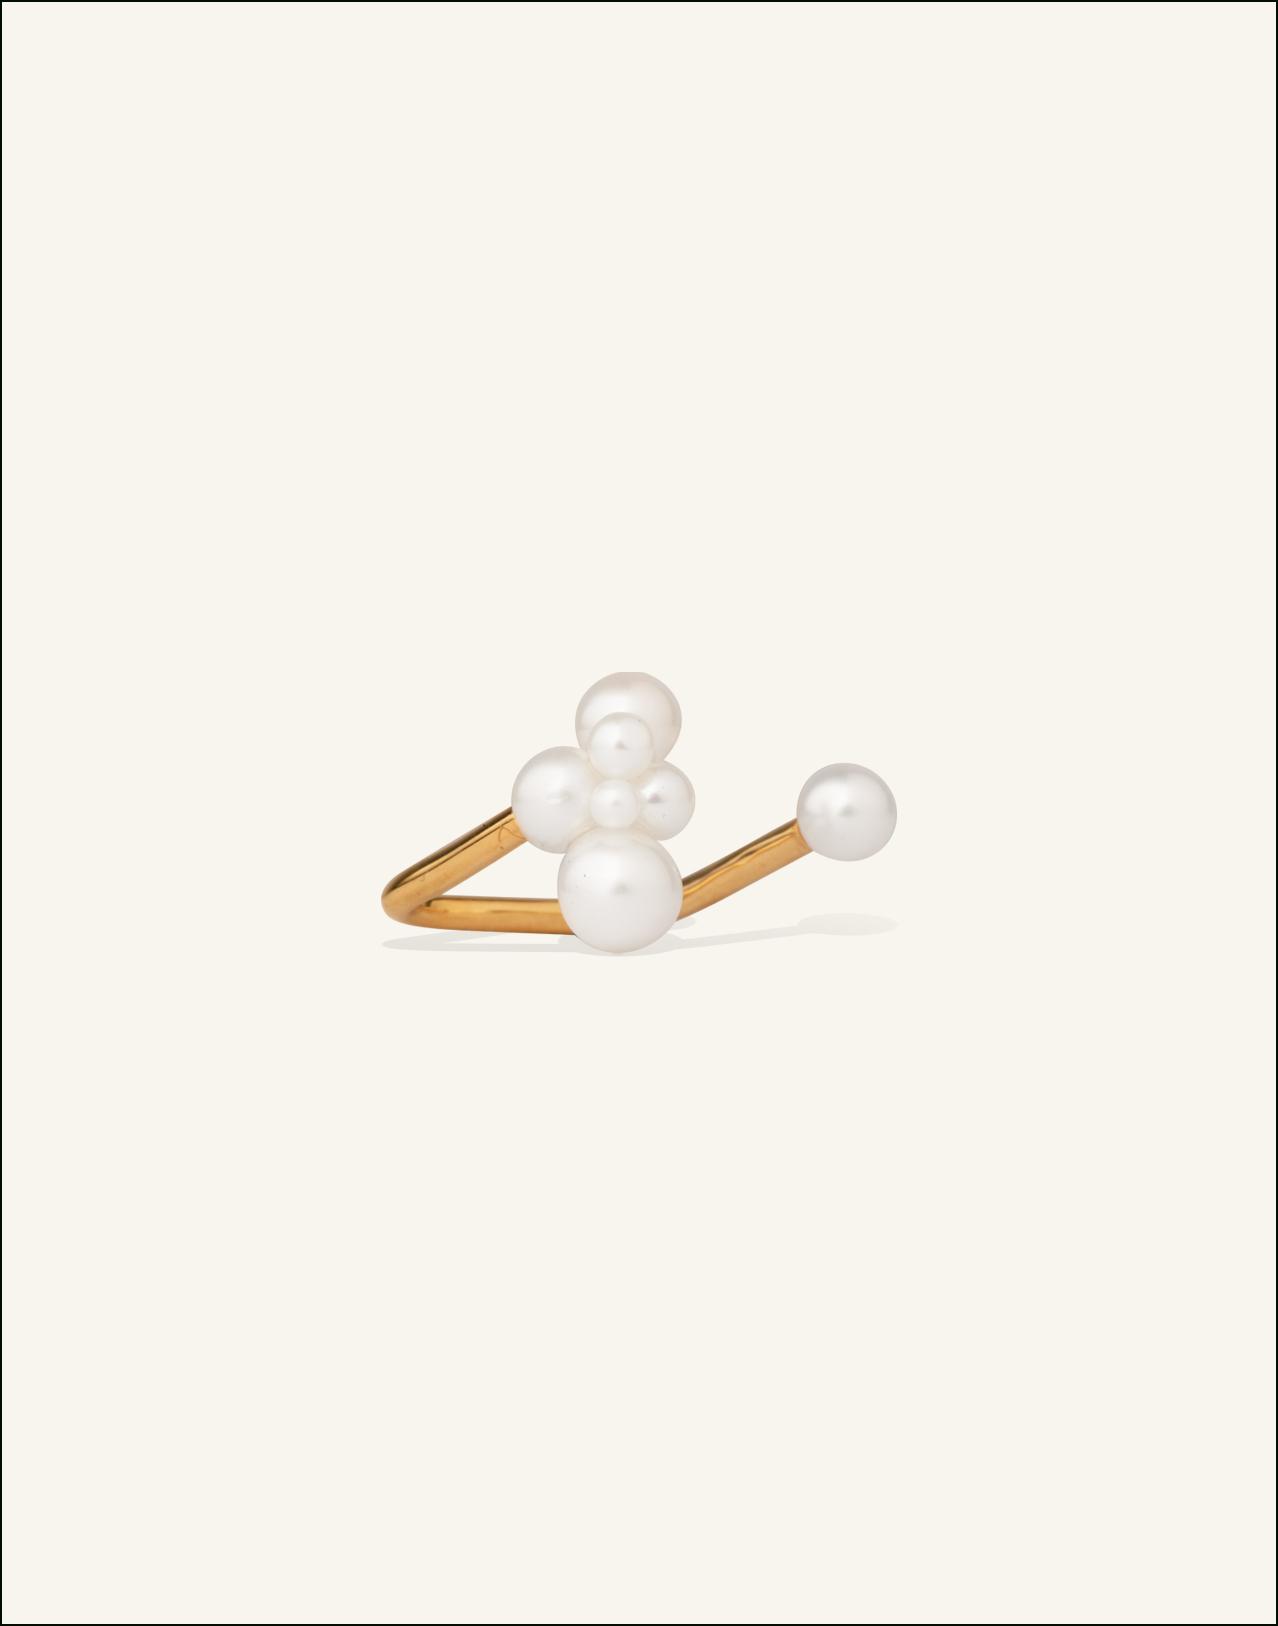 Completedworks-Ring-Winter-s-Gaze-2-1.jpg